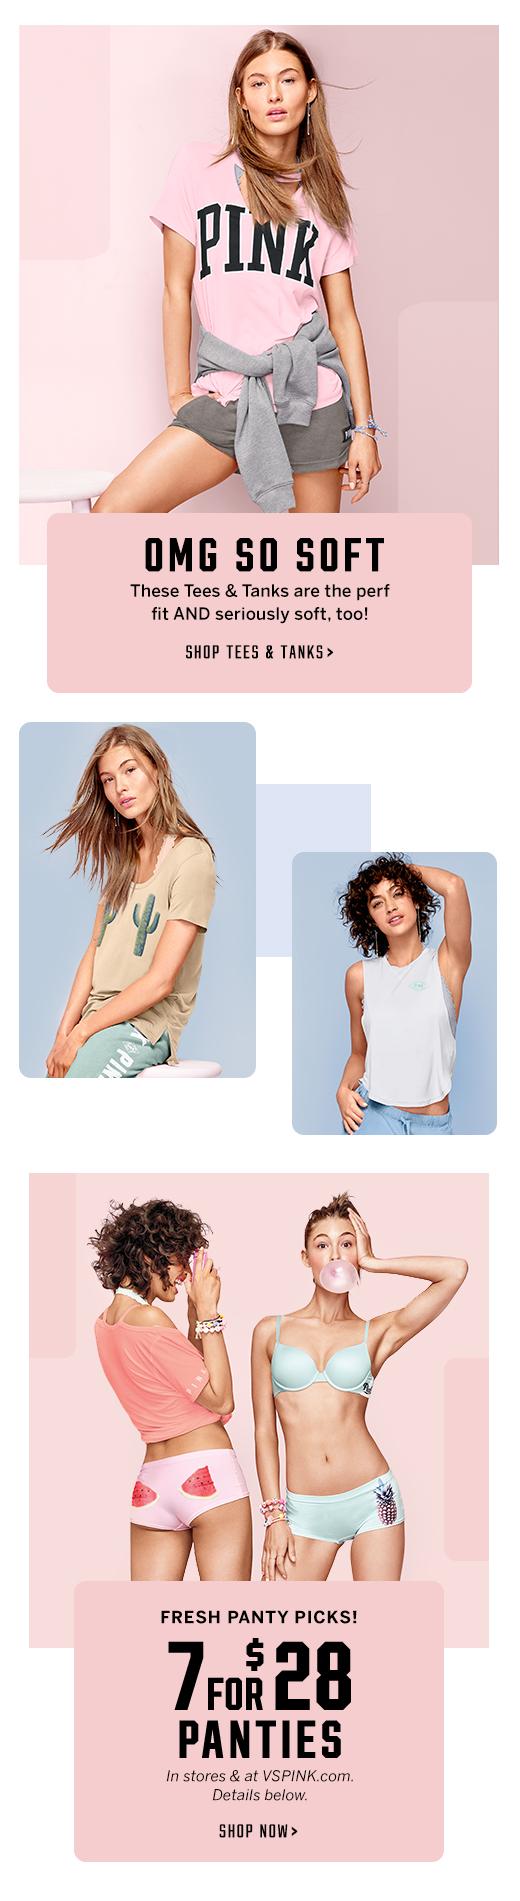 031717_VSS_Super-Soft-Tees-+--7-for-$27.50-Panty-Picks.jpg